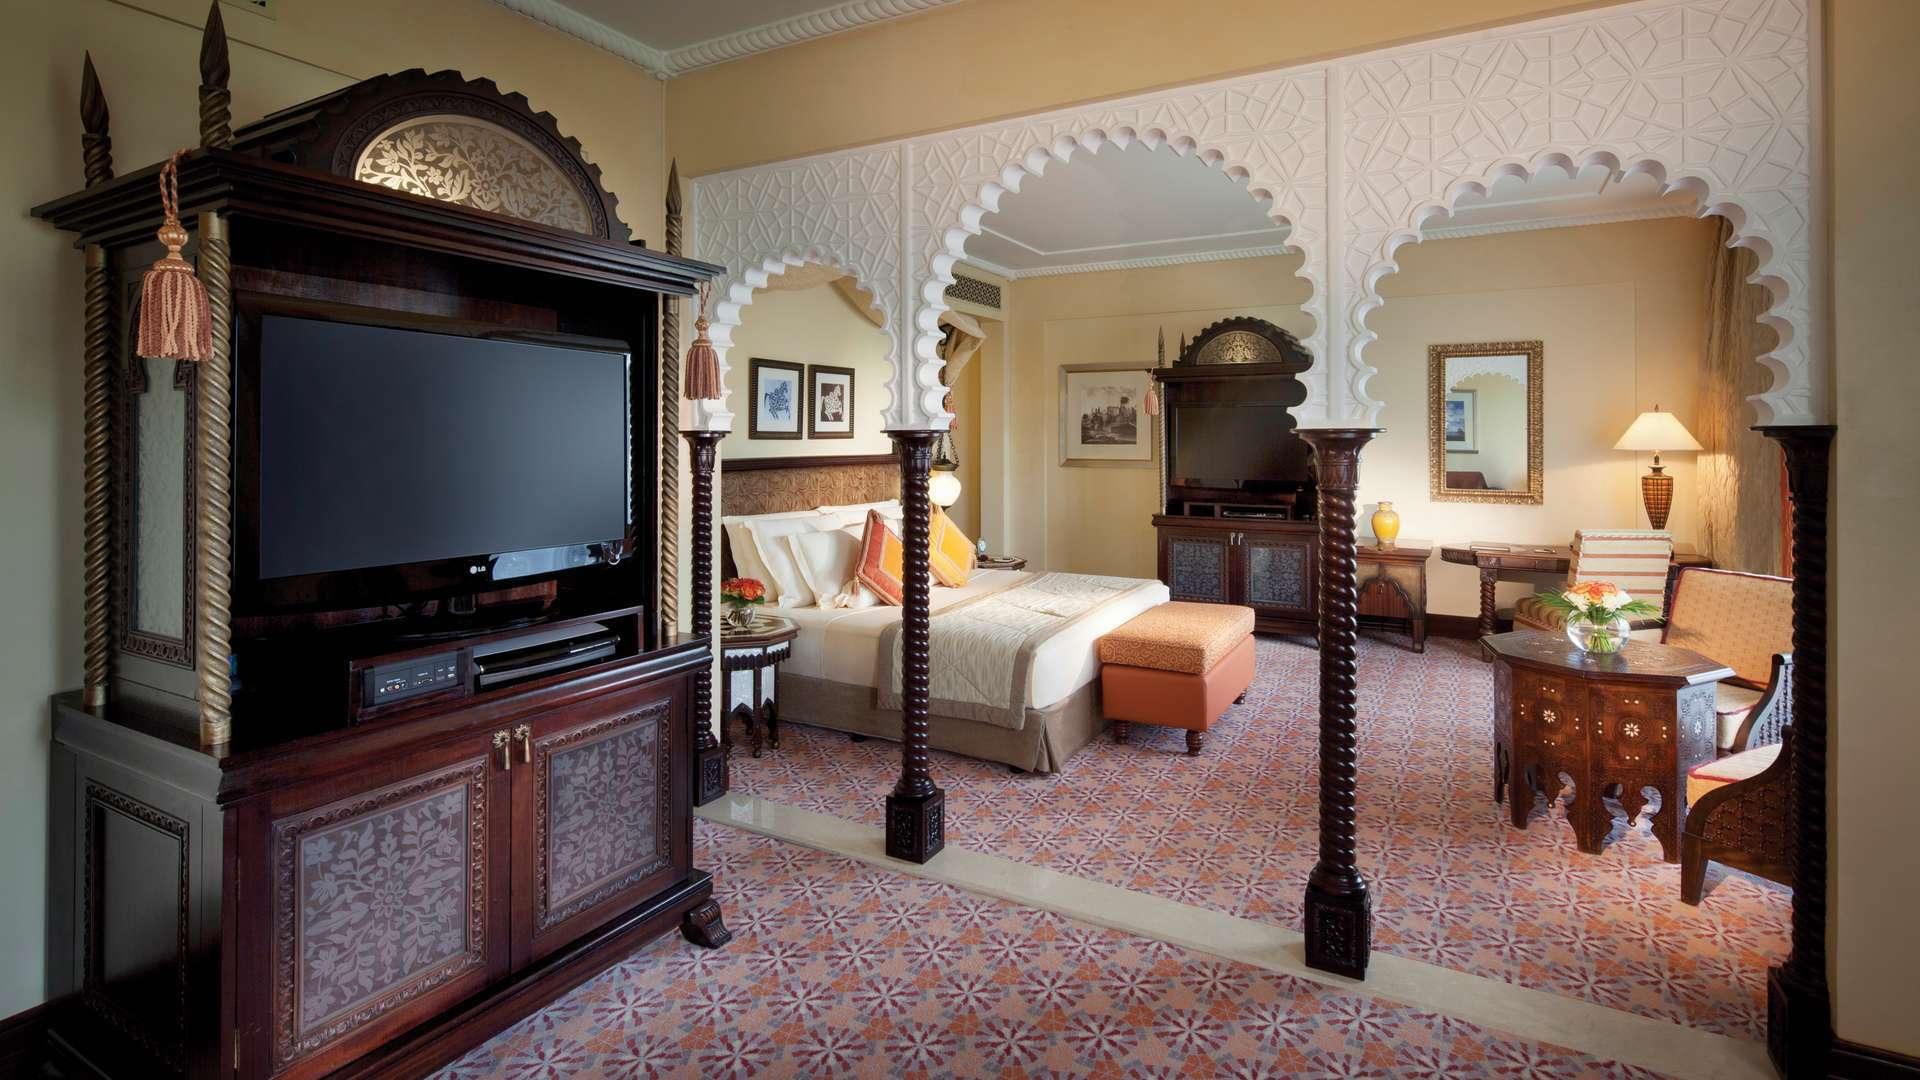 Jumeirah Al Qasr A Kuoni Hotel In Dubai